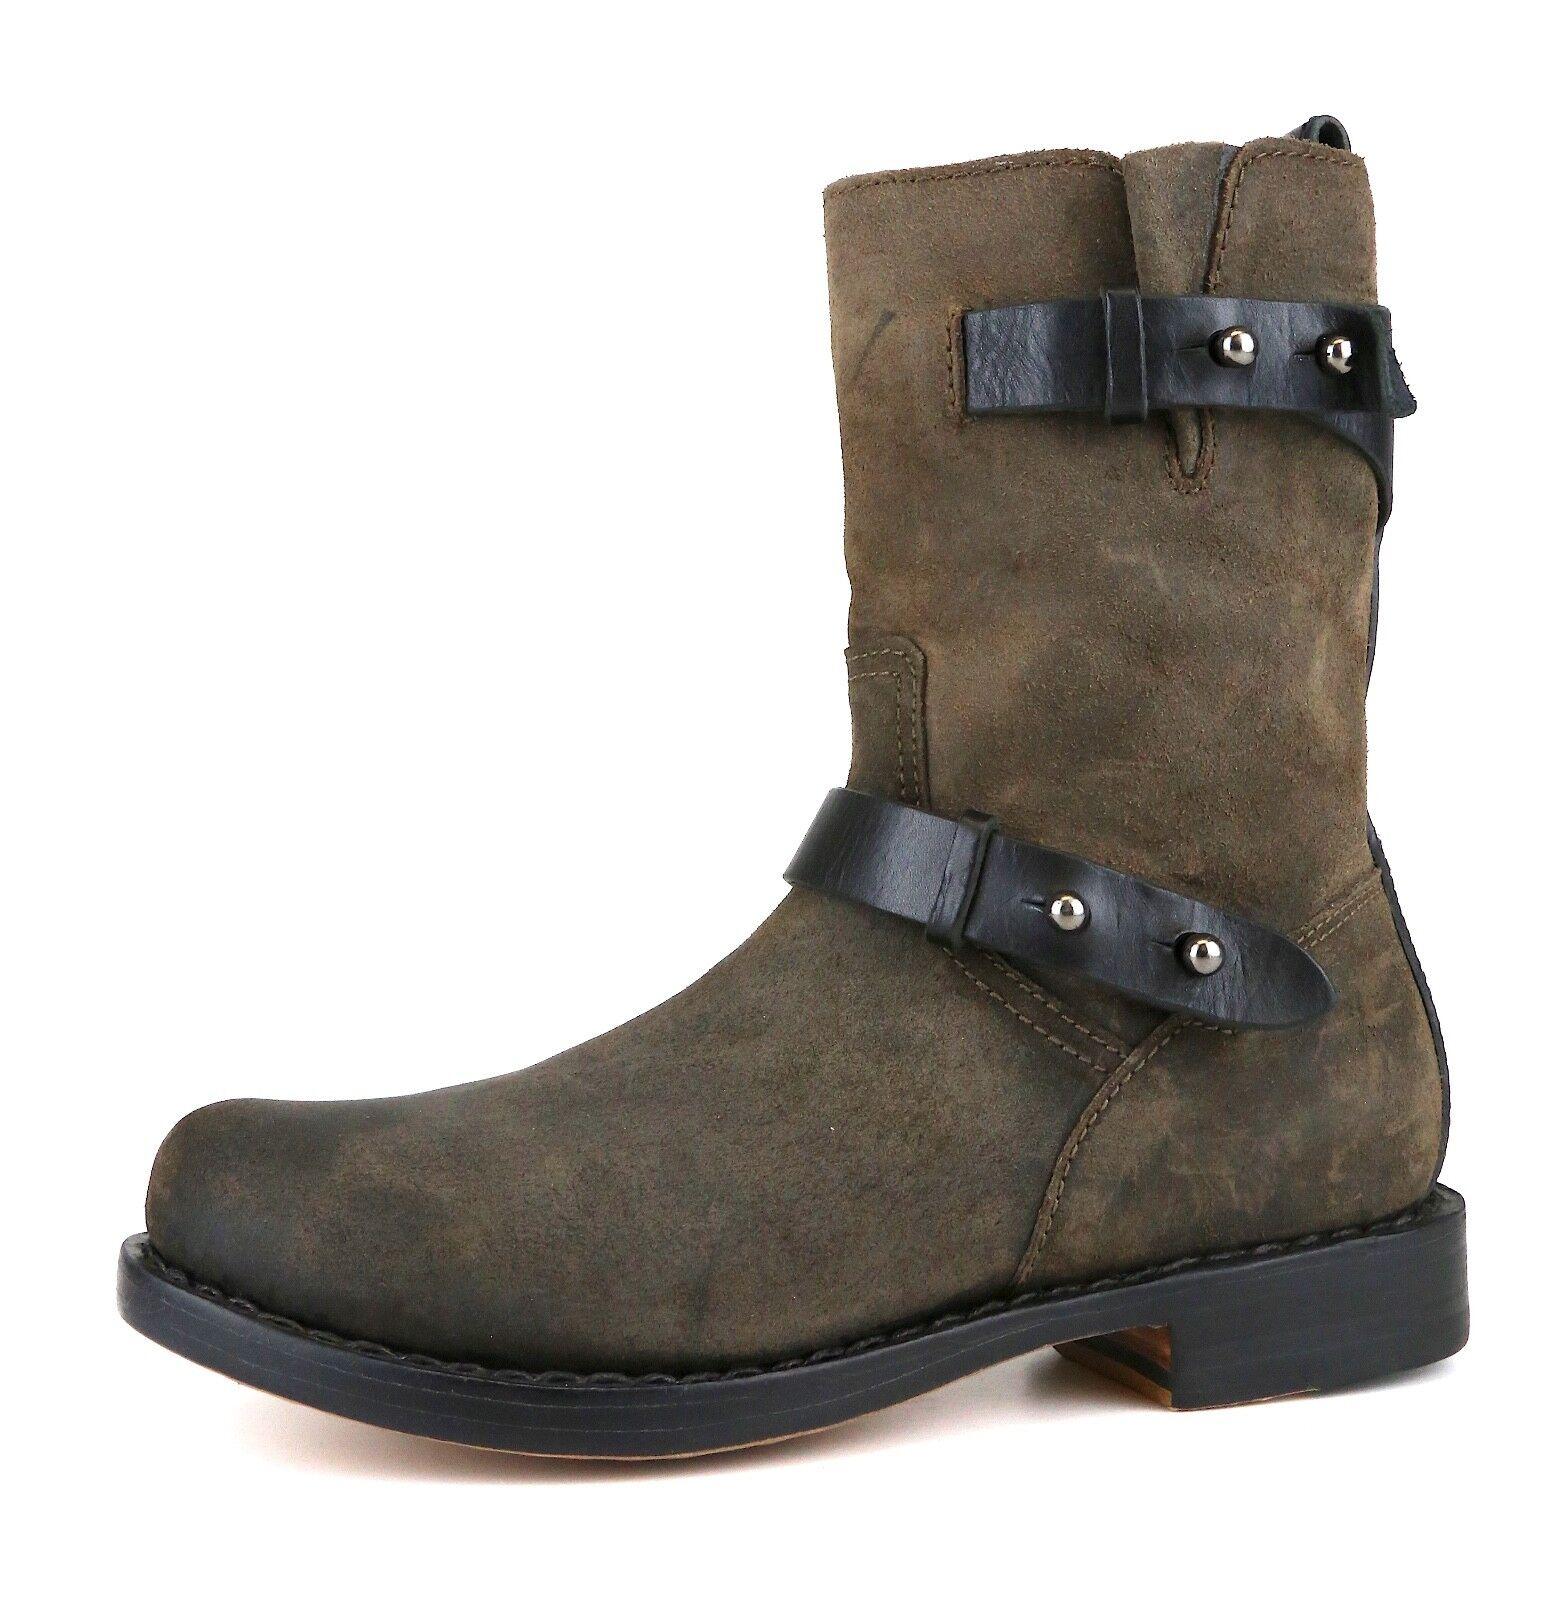 Rag & Bone para mujer botas al tobillo de de de piel de becerro marrón Moto Encerado 5099  Talla 35 EUR  precio razonable